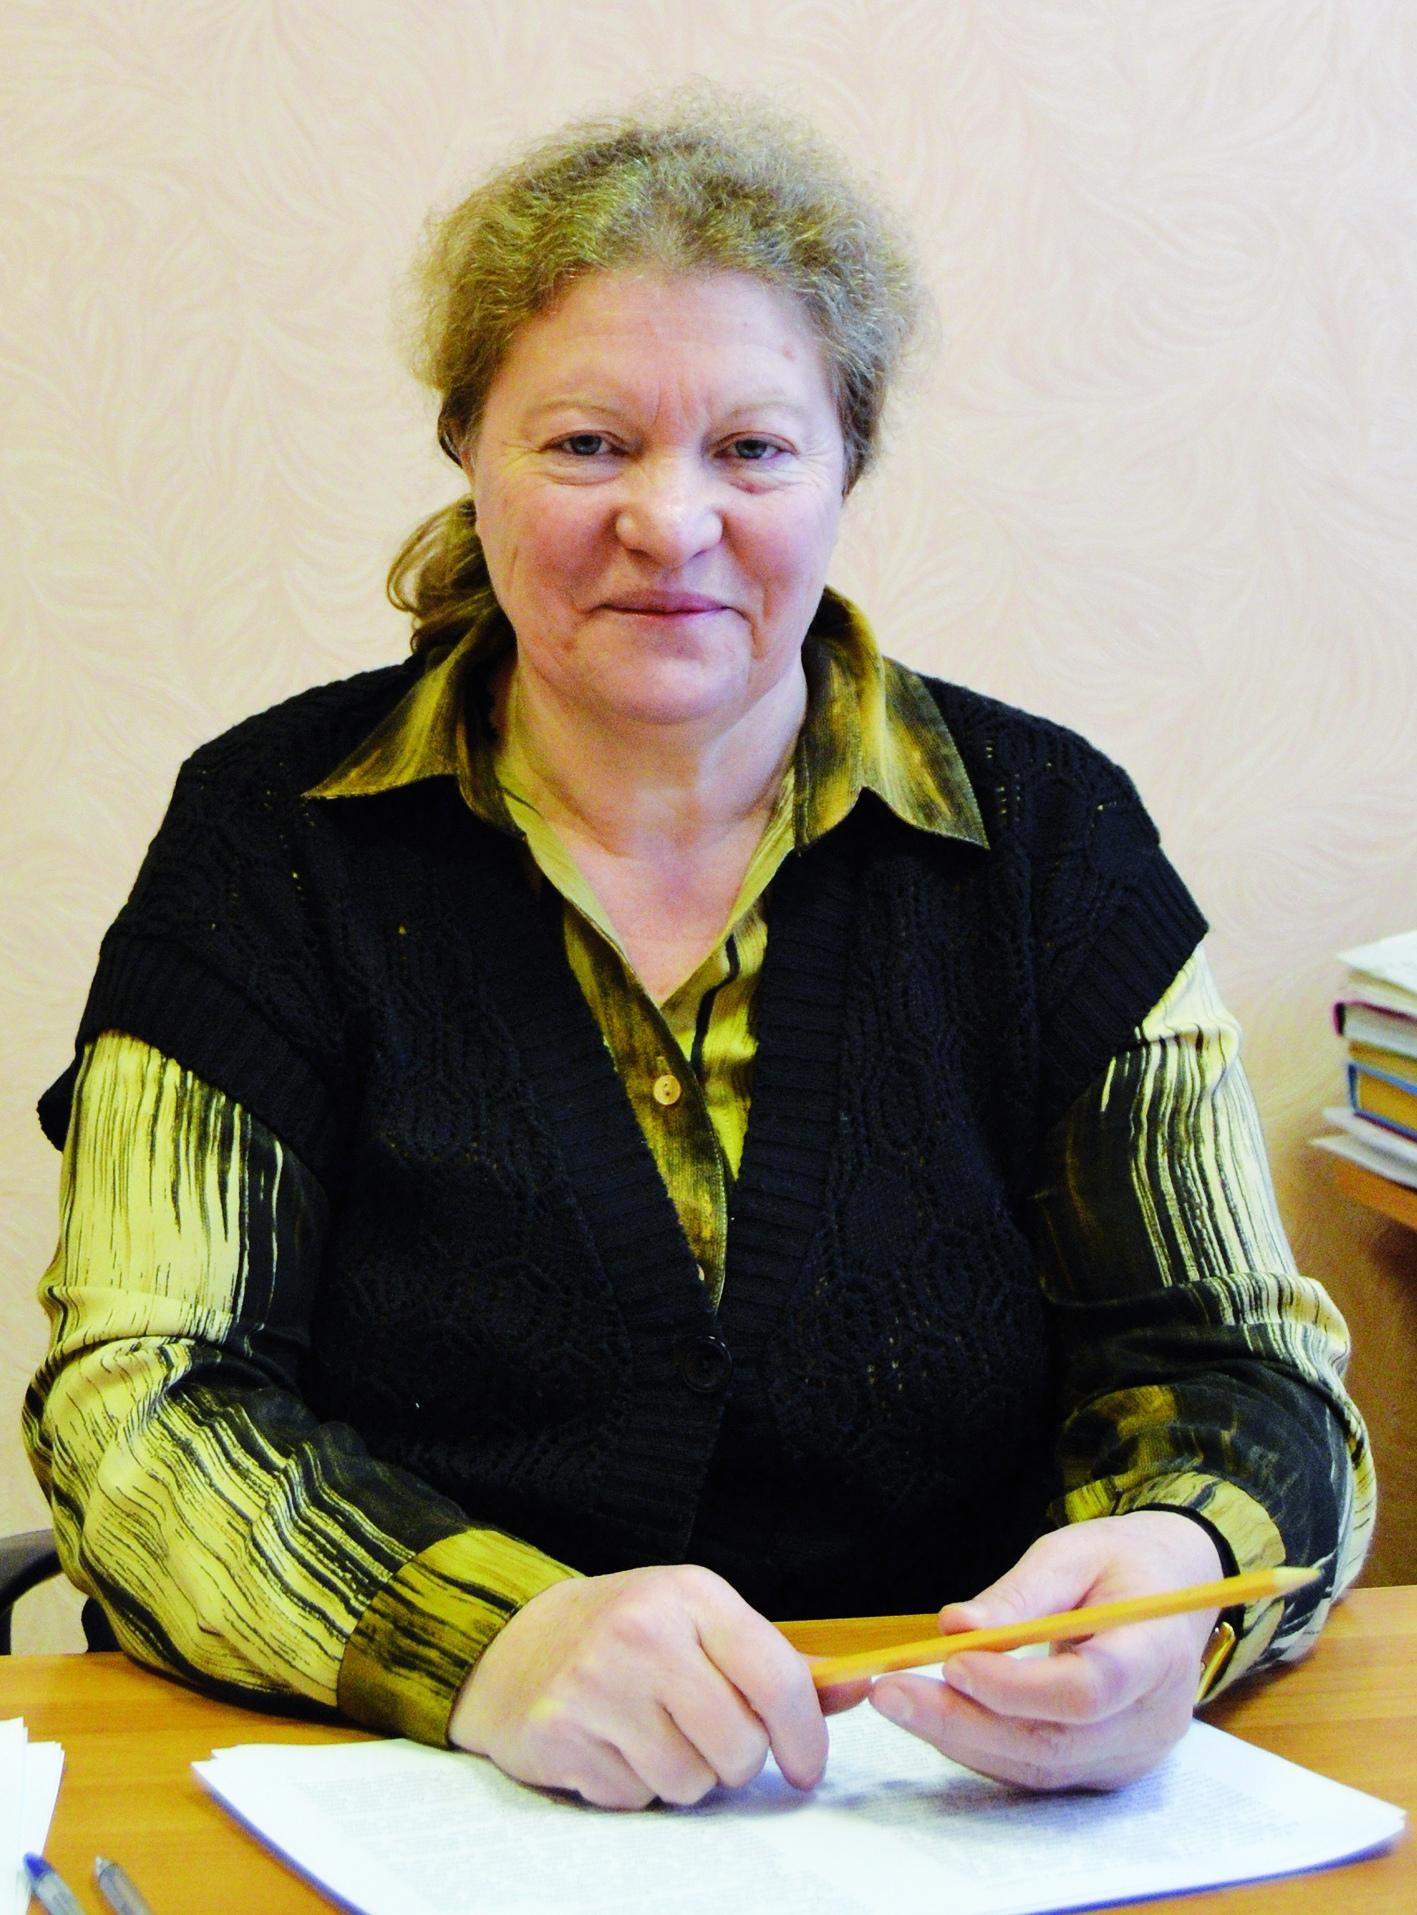 Татьяна Разгуляева: «Эрямом – вечкемадо кенярксов  ды лужаня моронь керькс»